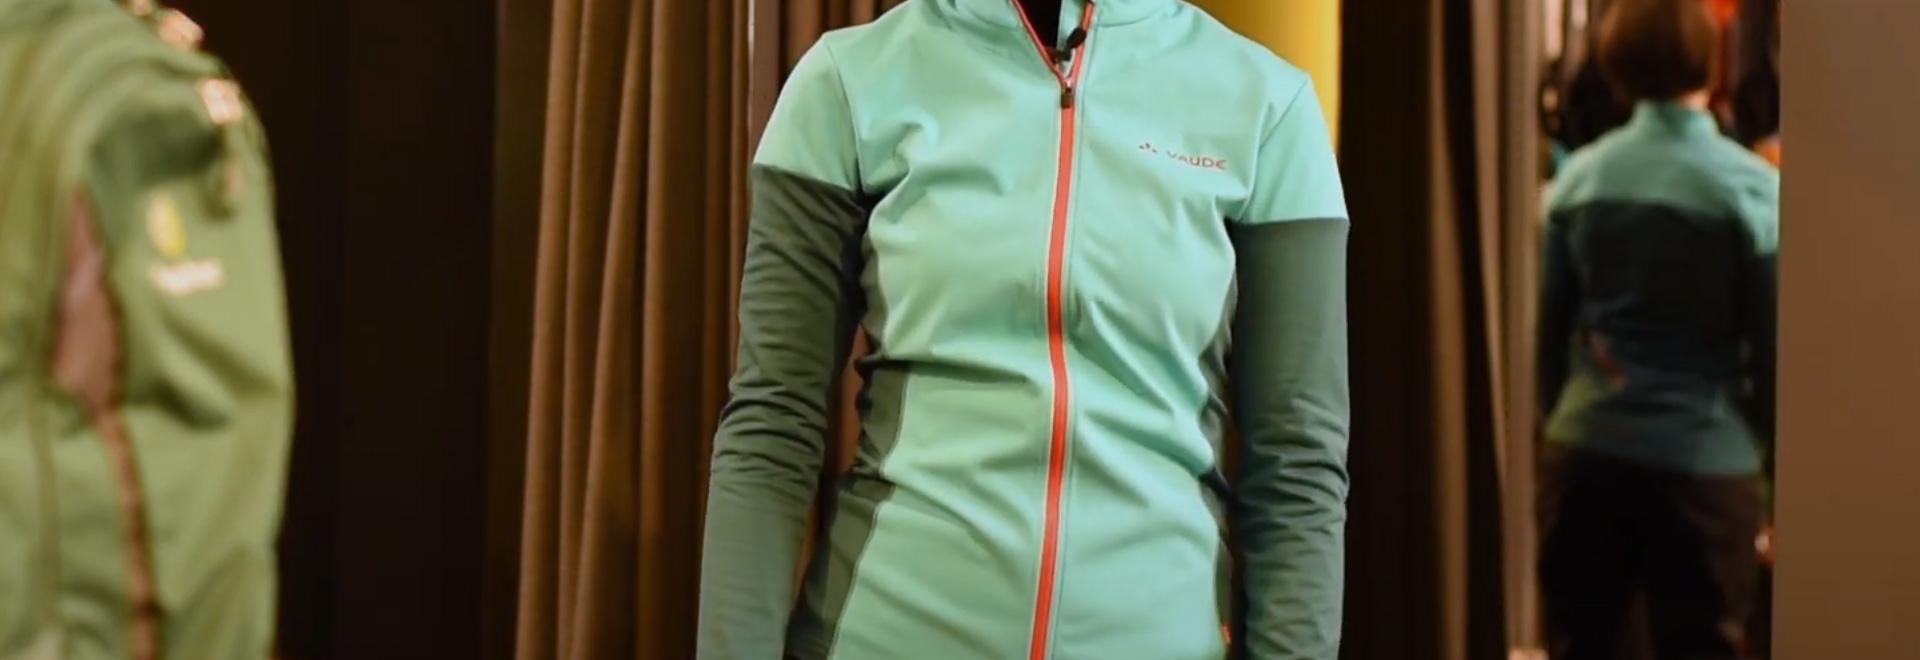 Passend zum WSV: Unsere Bekleidungstipps für kalte Tage